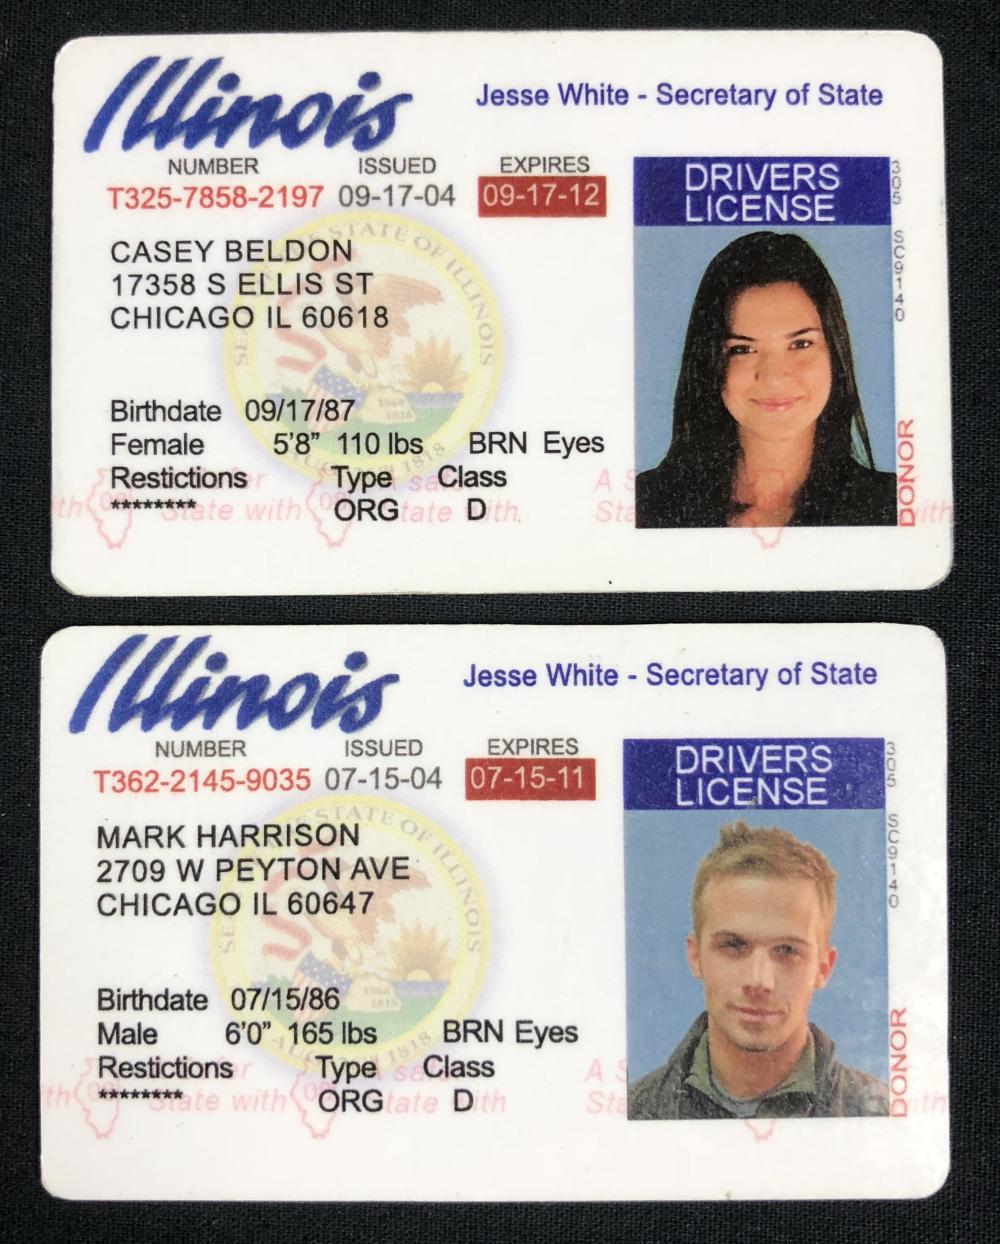 Lot 46: The Unborn (2009) - Odette Annable & Cam Gigandet Driver's Licenses